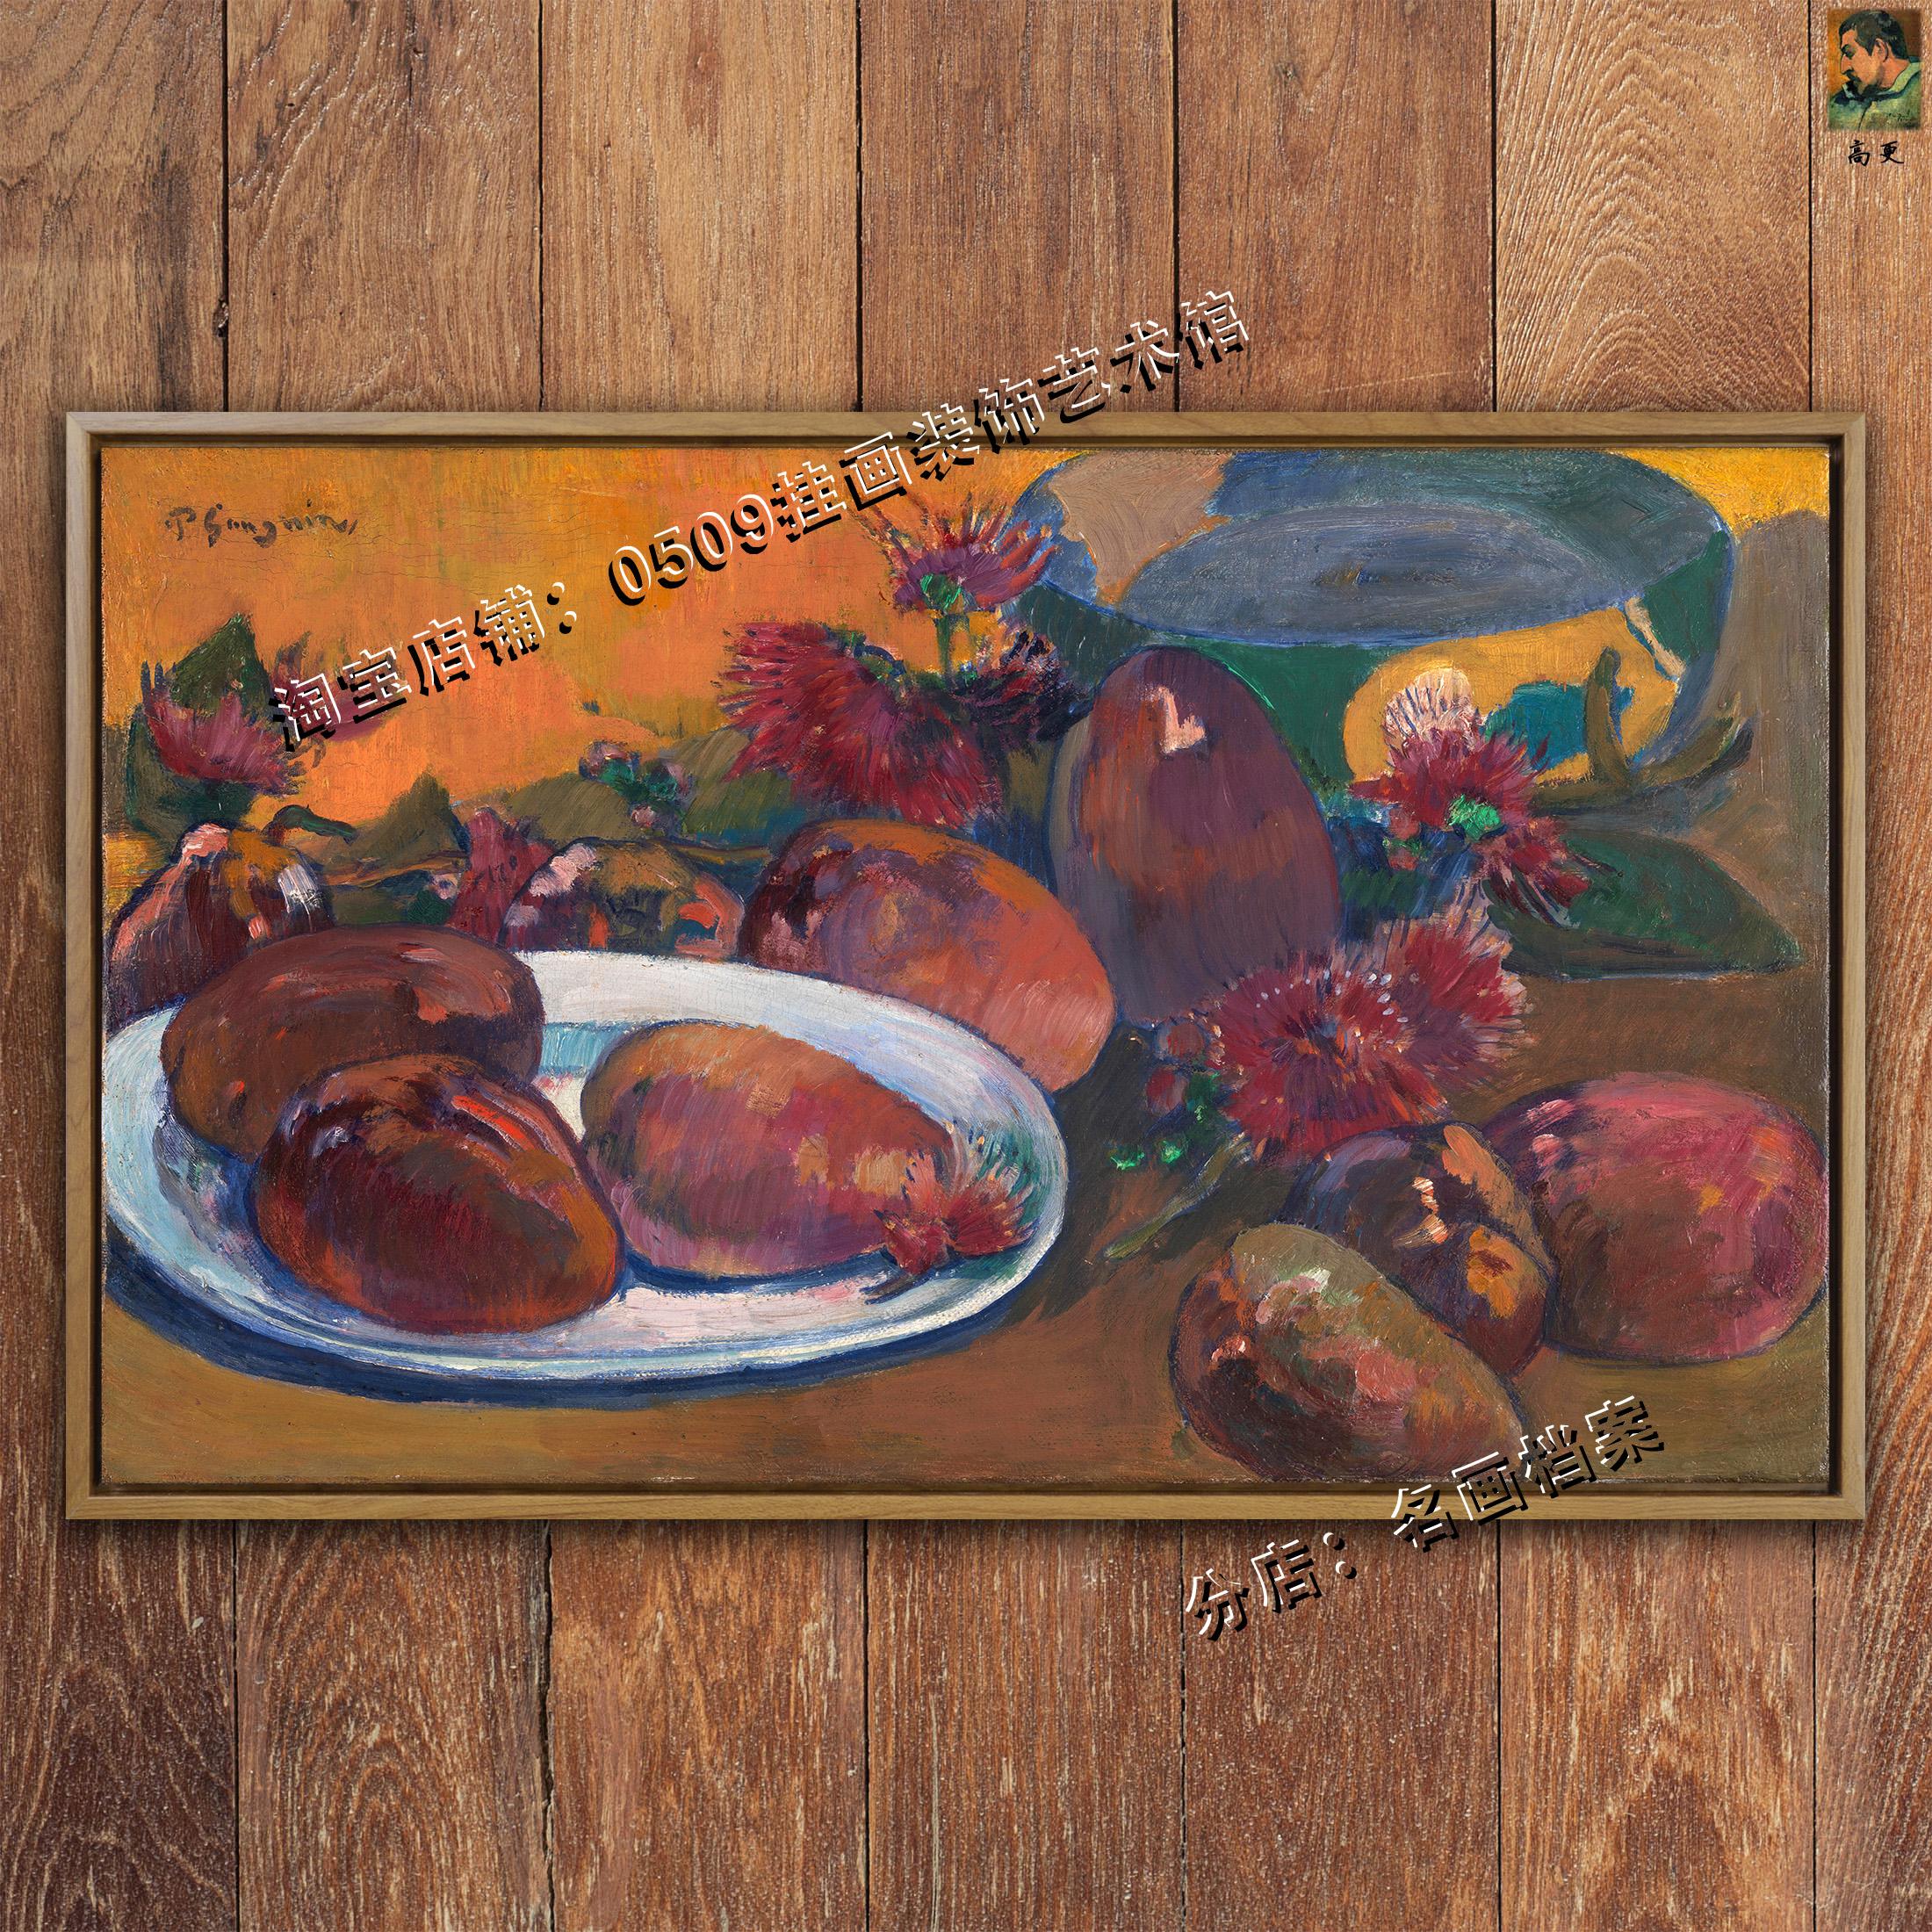 静物与芒果 Nature Morte aux Mangos 静物水果油画 后期印象派画